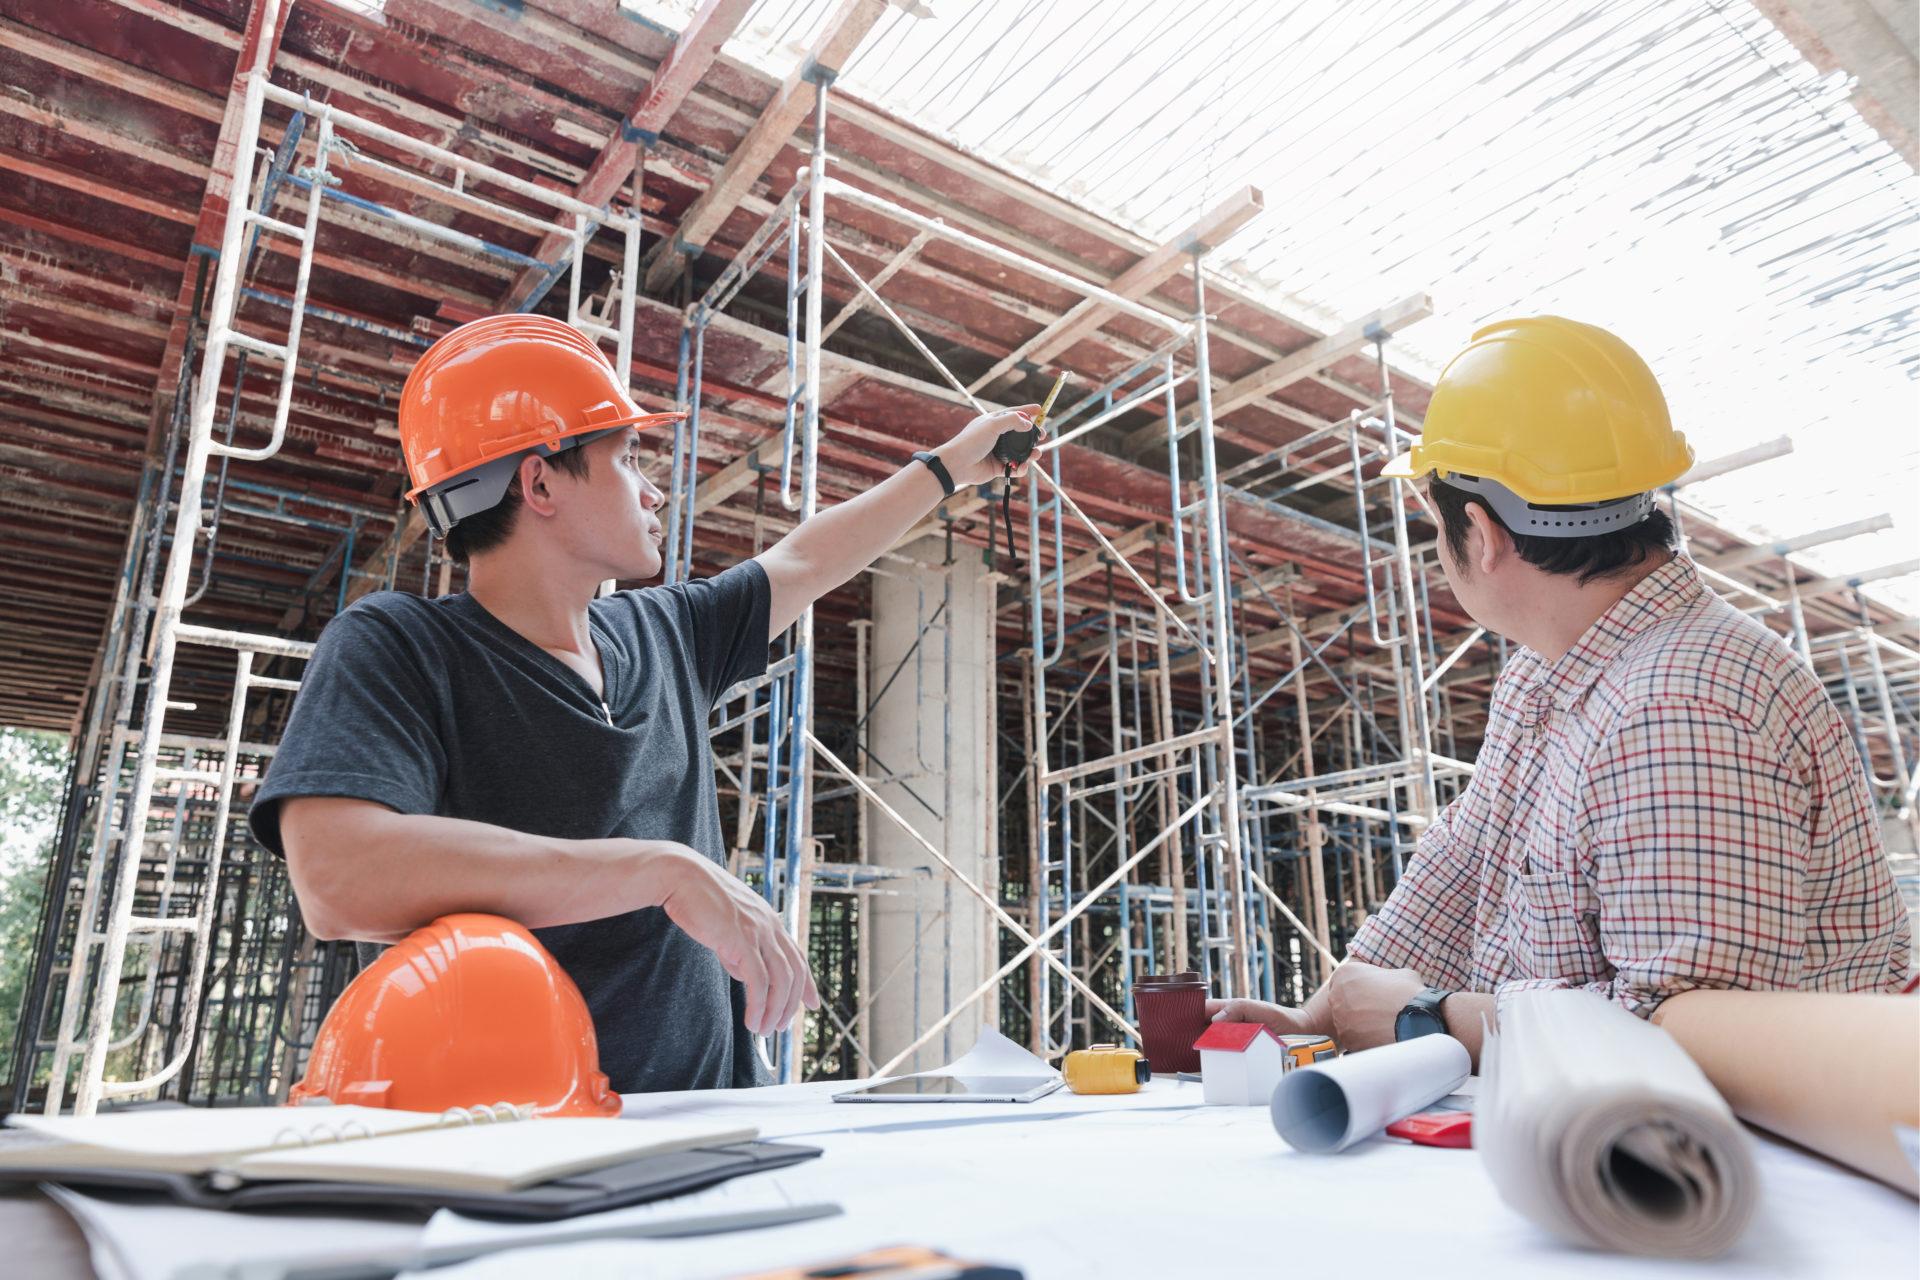 外国人労働者を受け入れるメリットとデメリット、注意点を徹底解説!